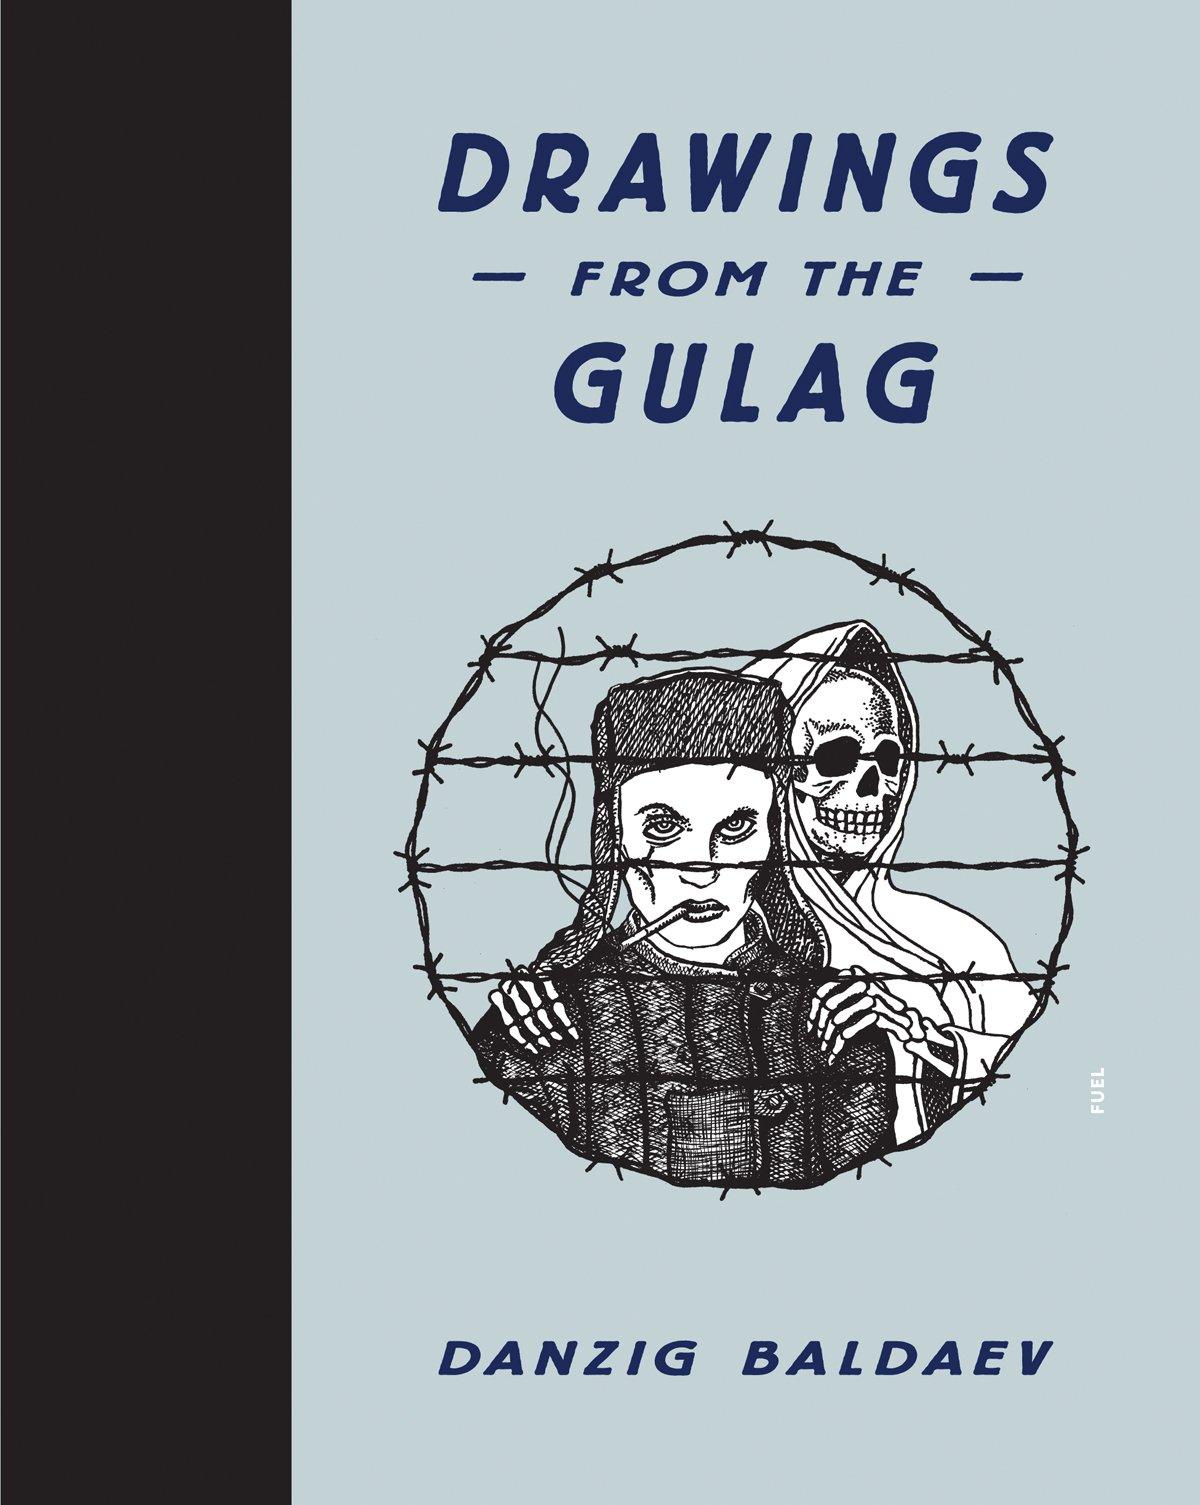 Drawings from the Gulag: Amazon.co.uk: Danzig Baldaev, Damon Murray ...